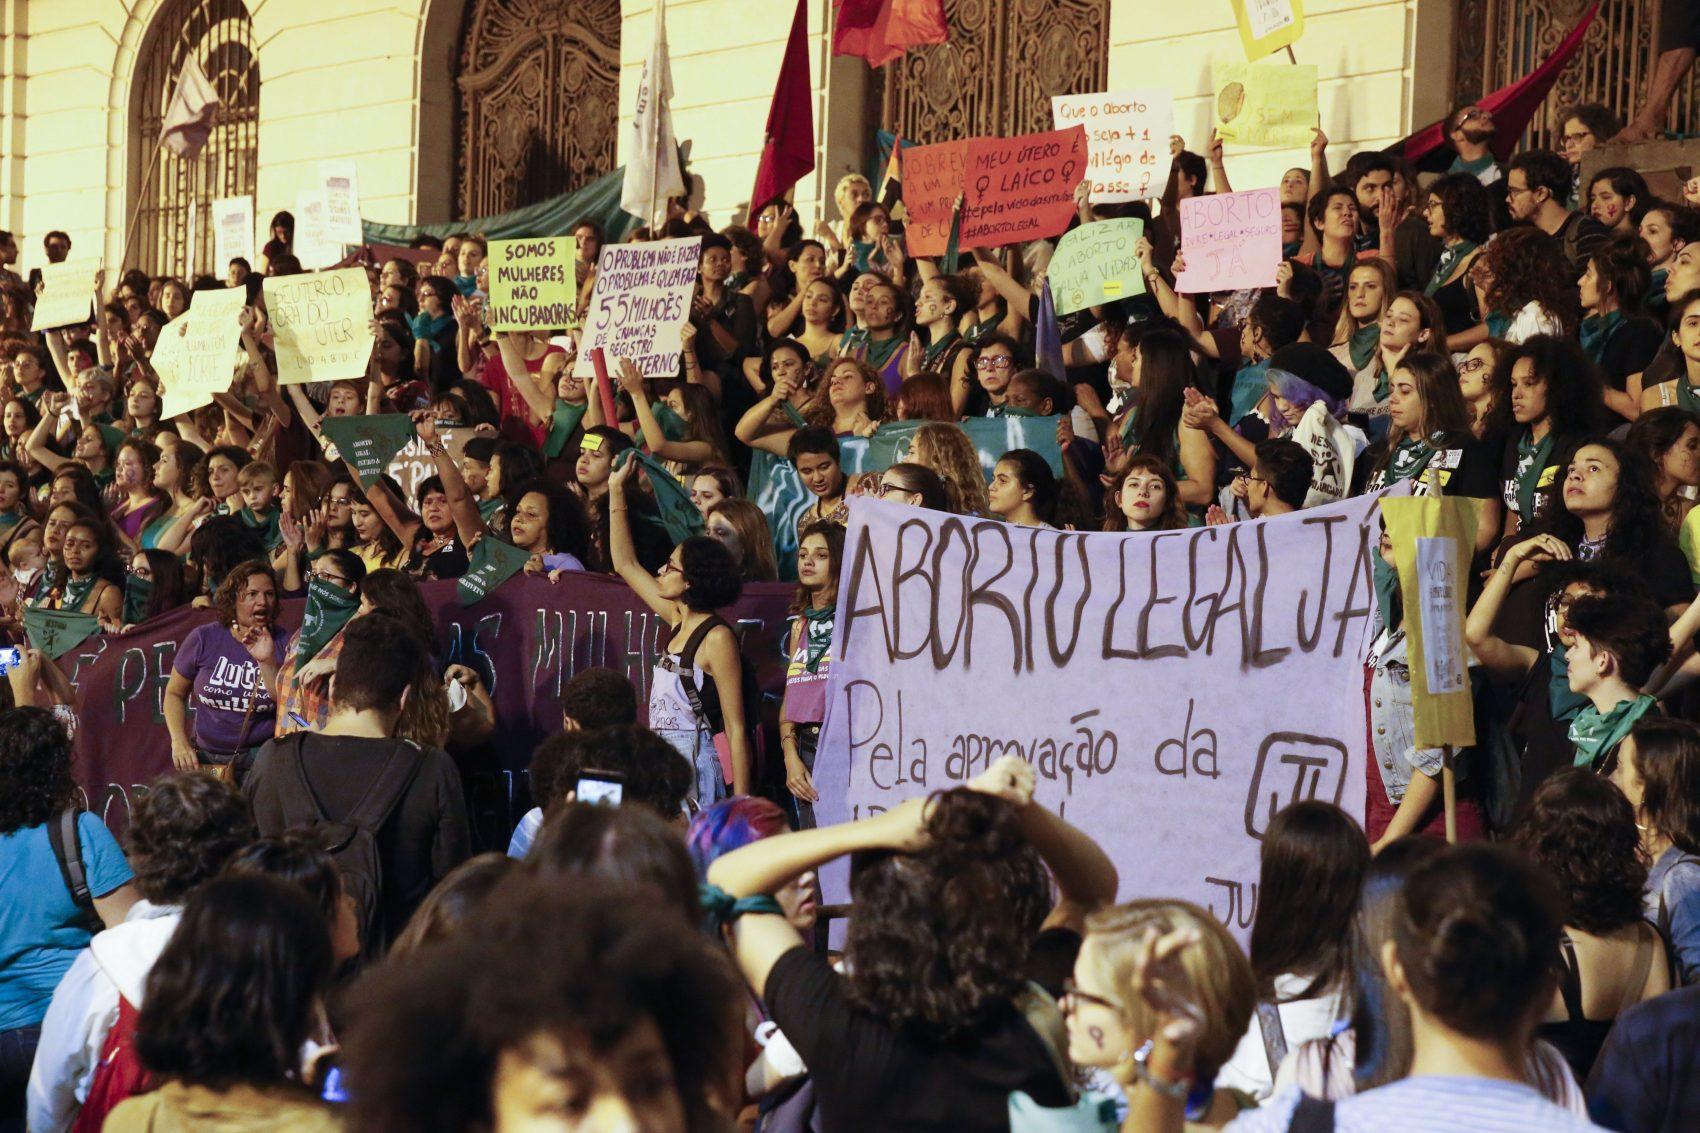 """""""Criminalizar o aborto representa que estamos fracassando enquanto Estado no cuidado e atenção à saúde e aos direitos reprodutivos das mulheres brasileiras"""""""